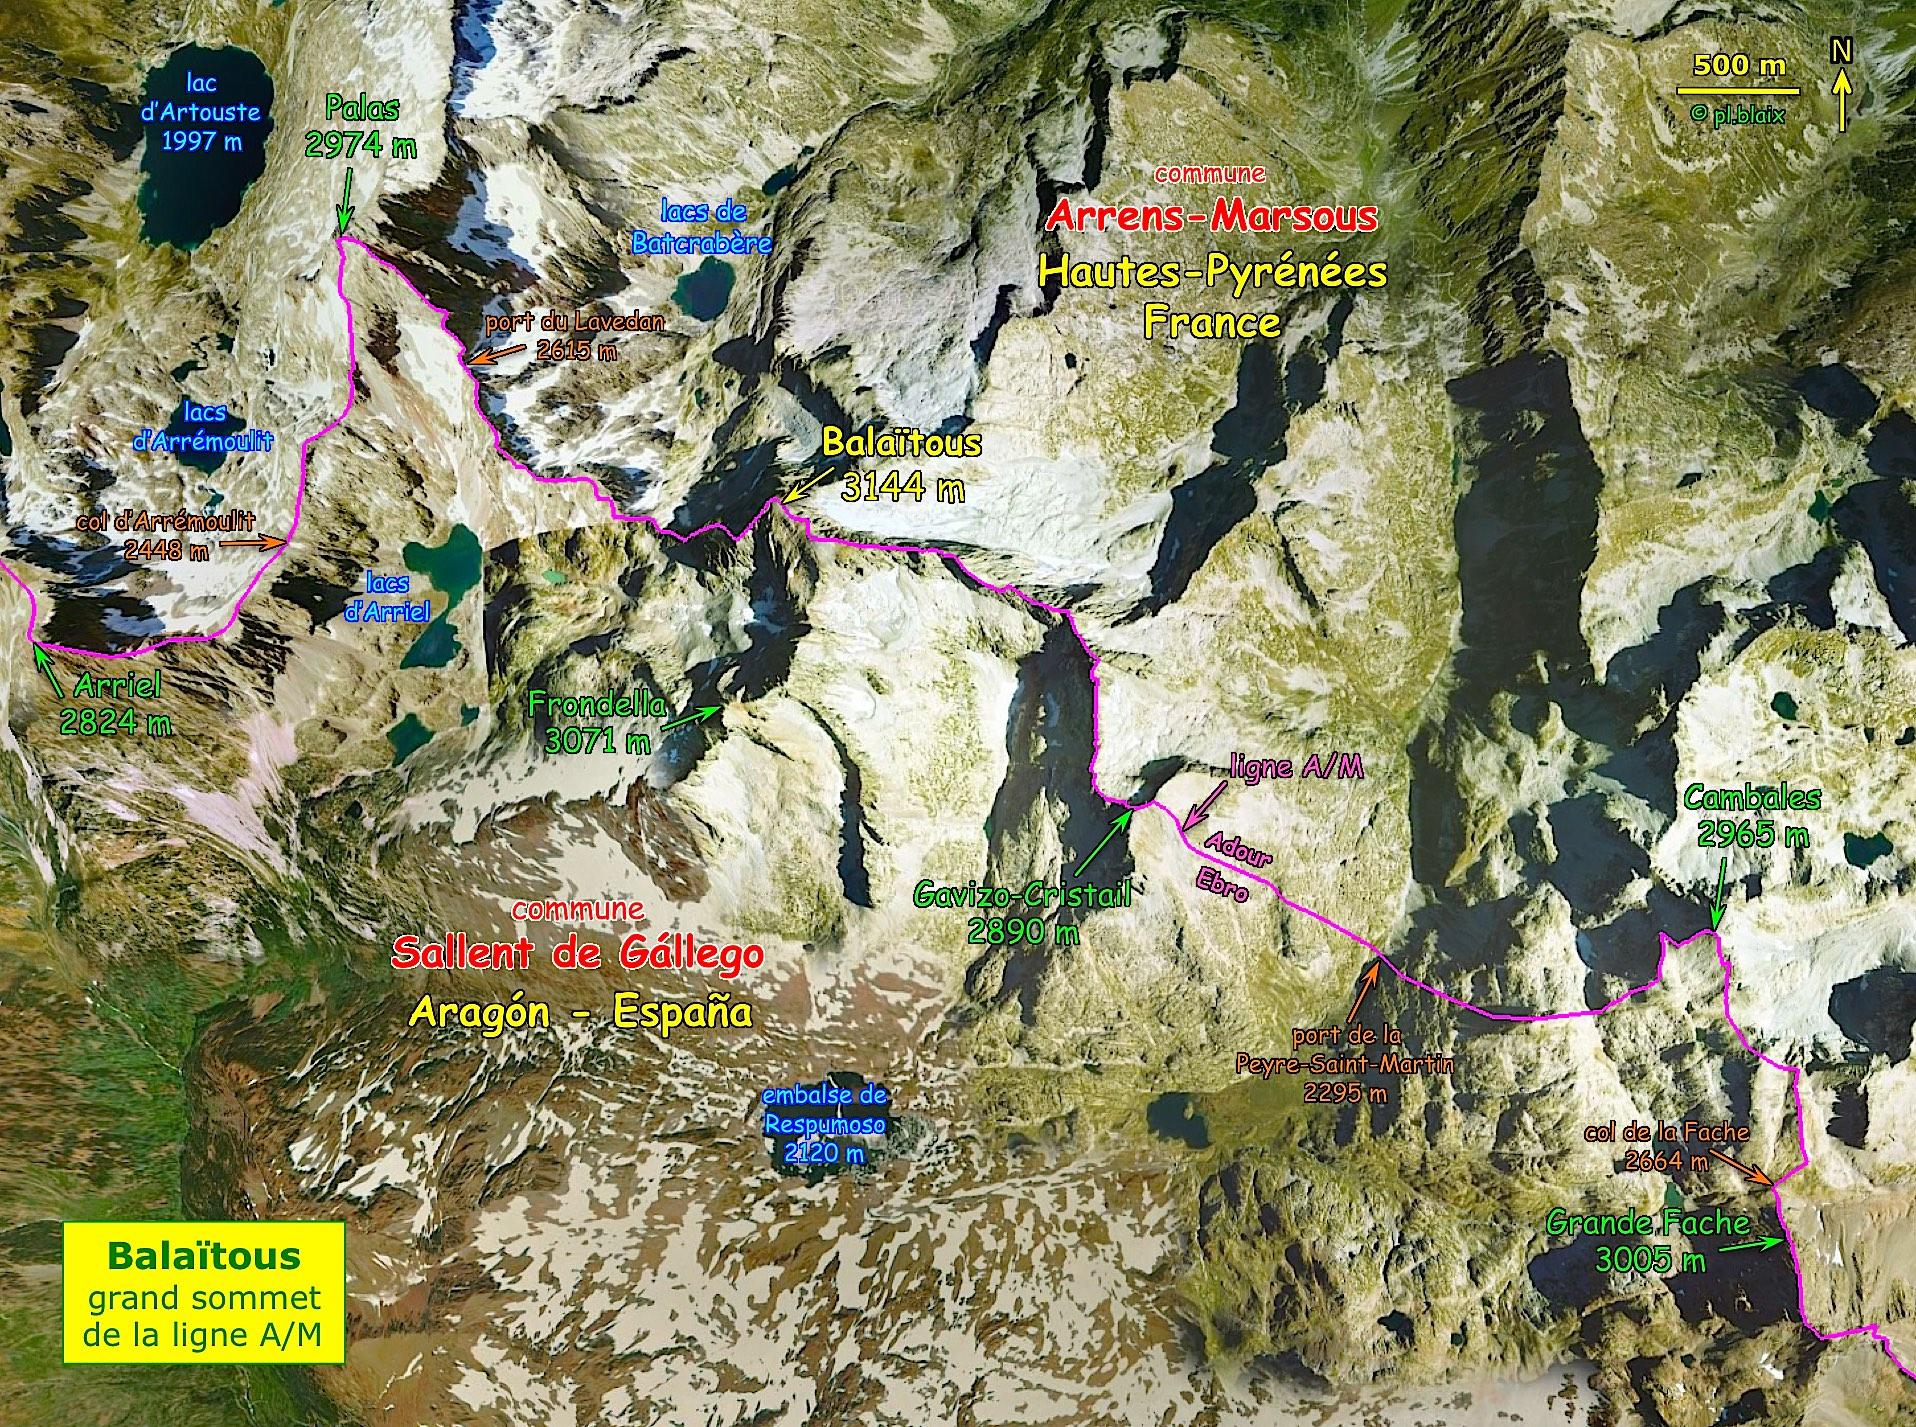 Entre la Grande Fache et le pic d'Arriel, la ligne A/M passe par le Balaïtous et coïncide avec la frontière France-Espagne sur 13 km